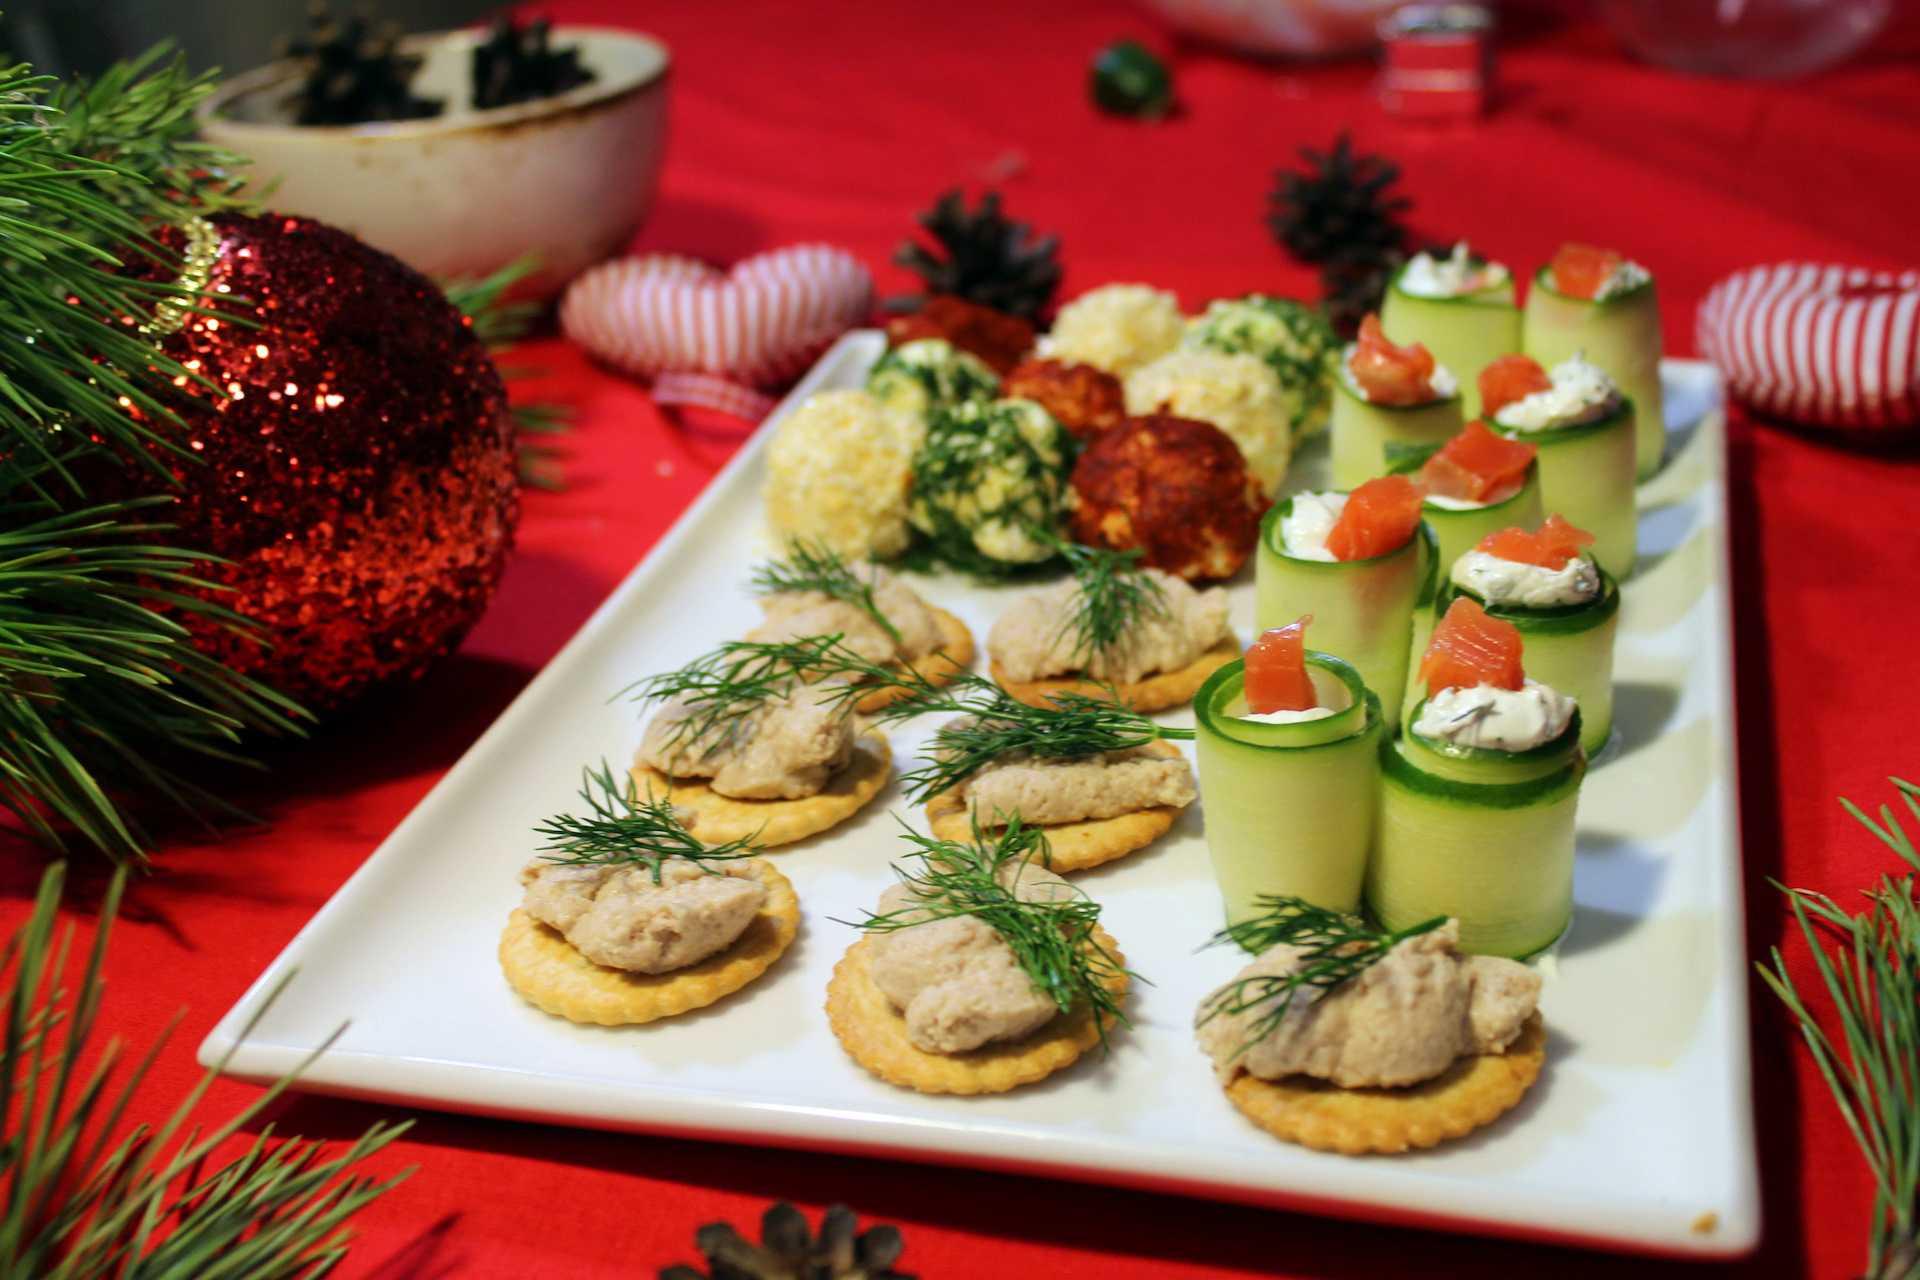 Рецепты на рождество: пошаговые рецепты, фото и видео - рождественский стол